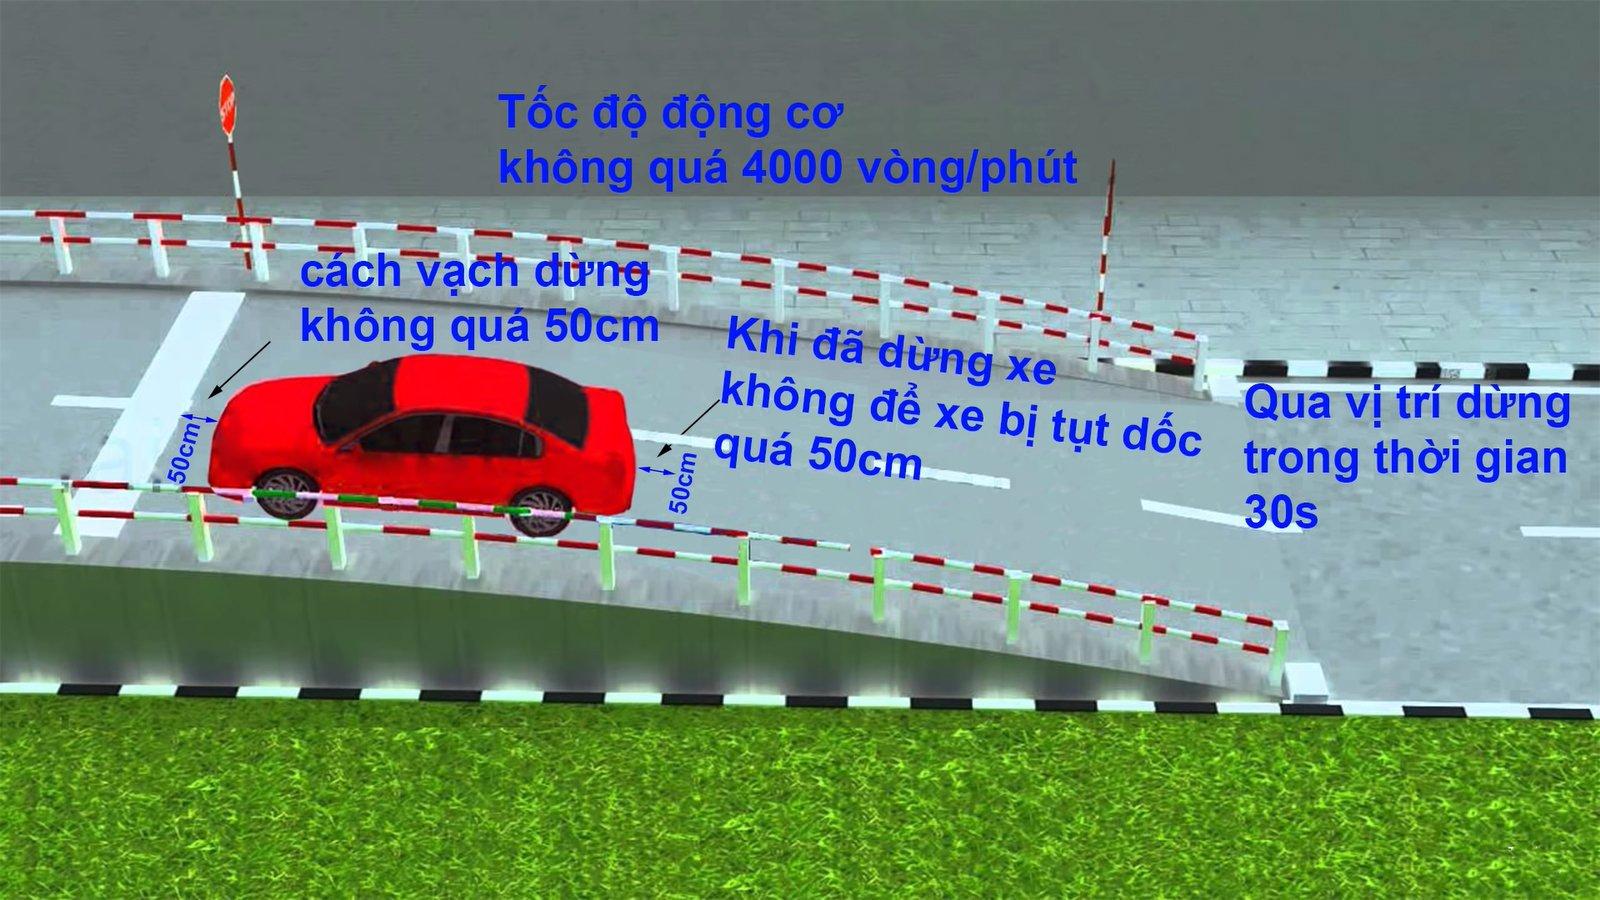 """Kinh nghiệm thi bằng lái xe: Vượt qua bài thi """"Dừng và khởi hành xe ngang dốc""""a"""